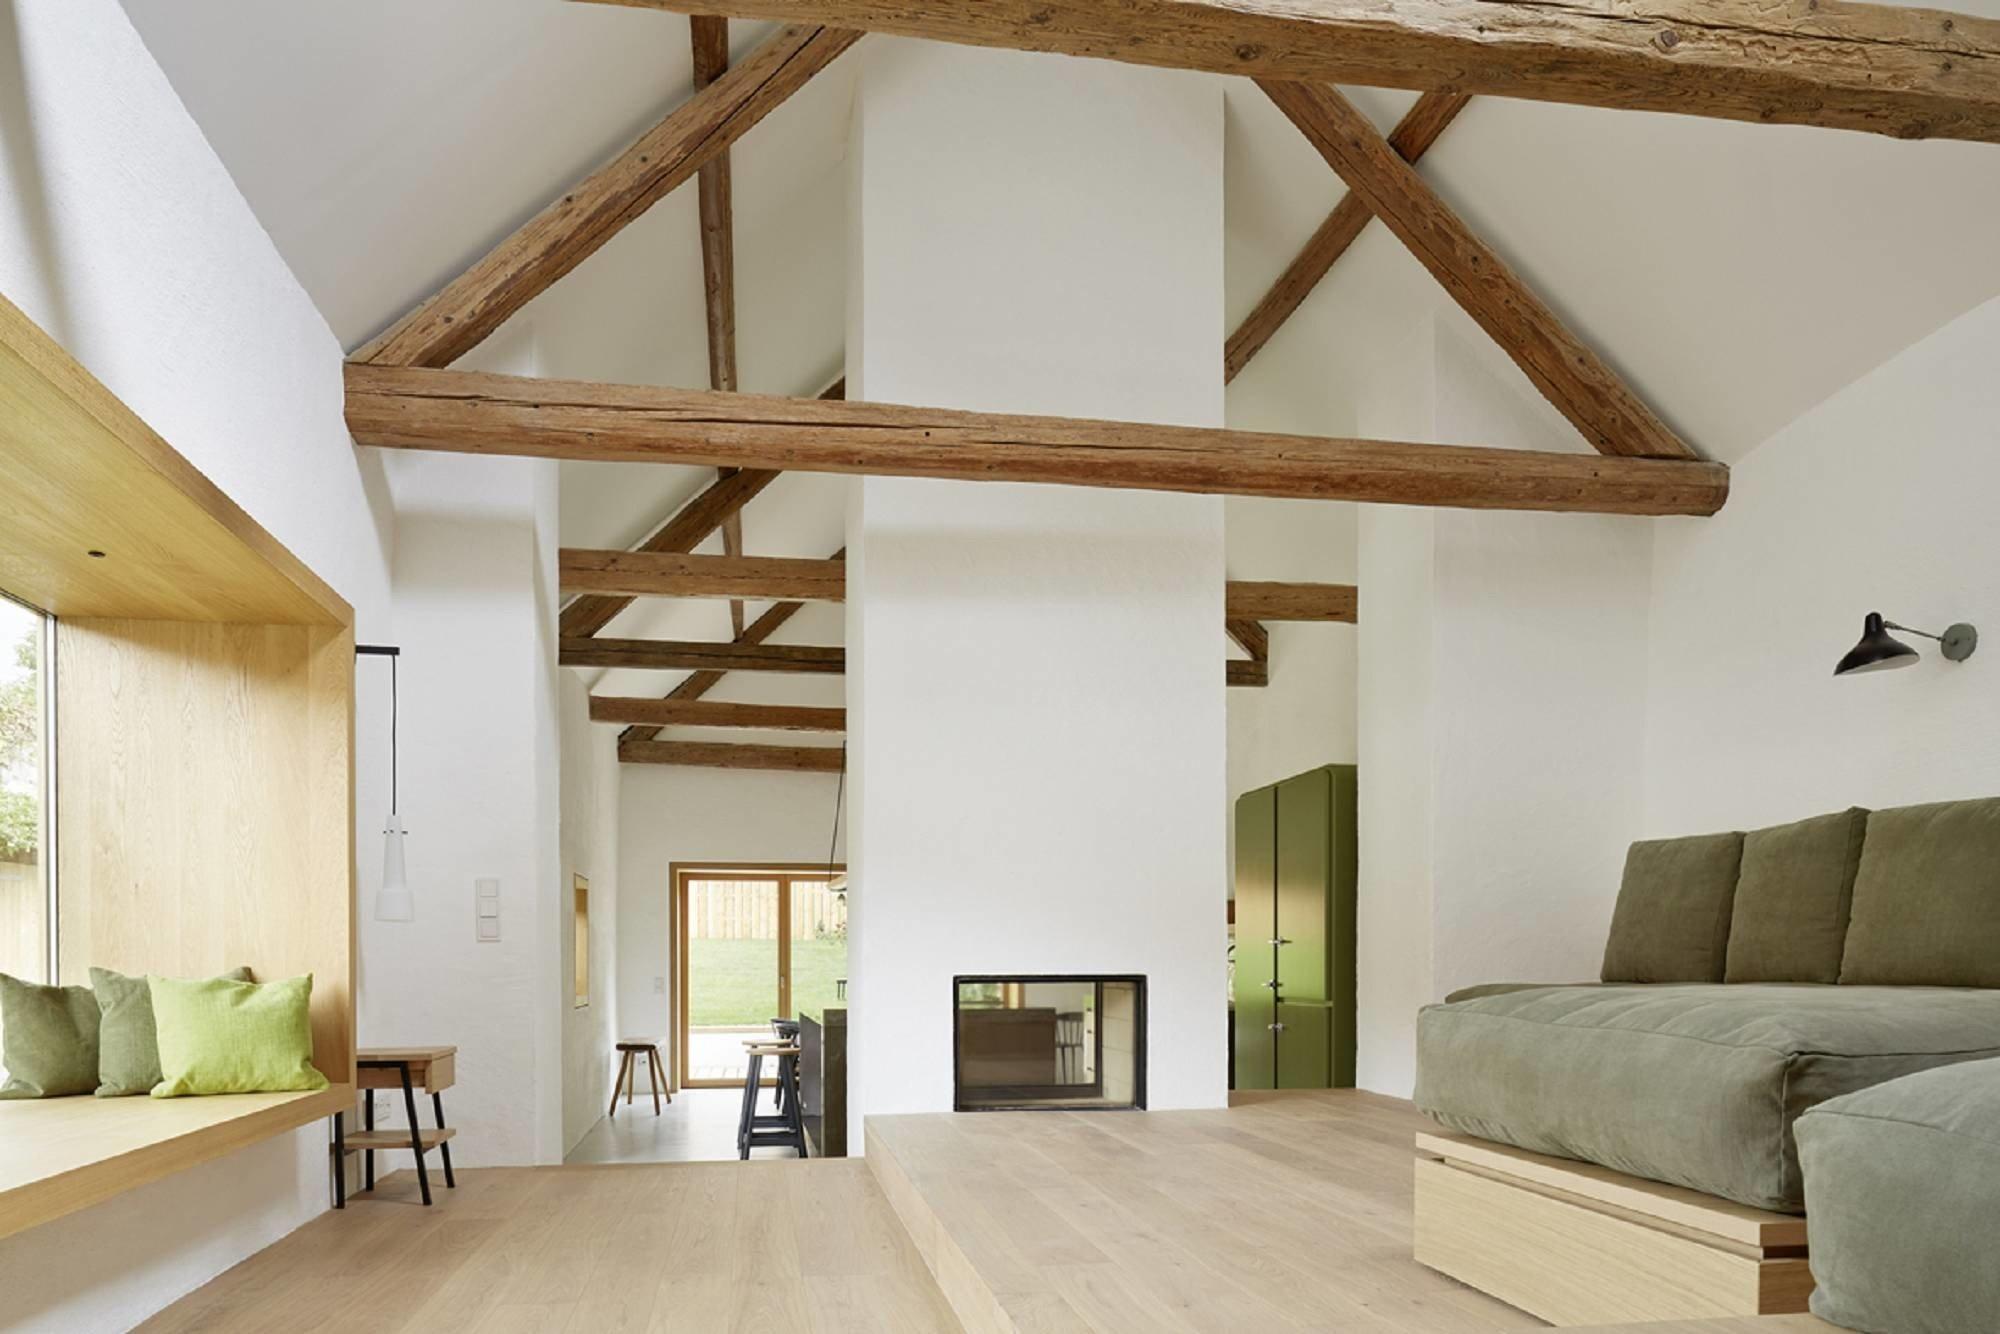 modernisierung von bauernhaus und scheune m1 in jois geneigtes dach wohnen baunetz wissen. Black Bedroom Furniture Sets. Home Design Ideas